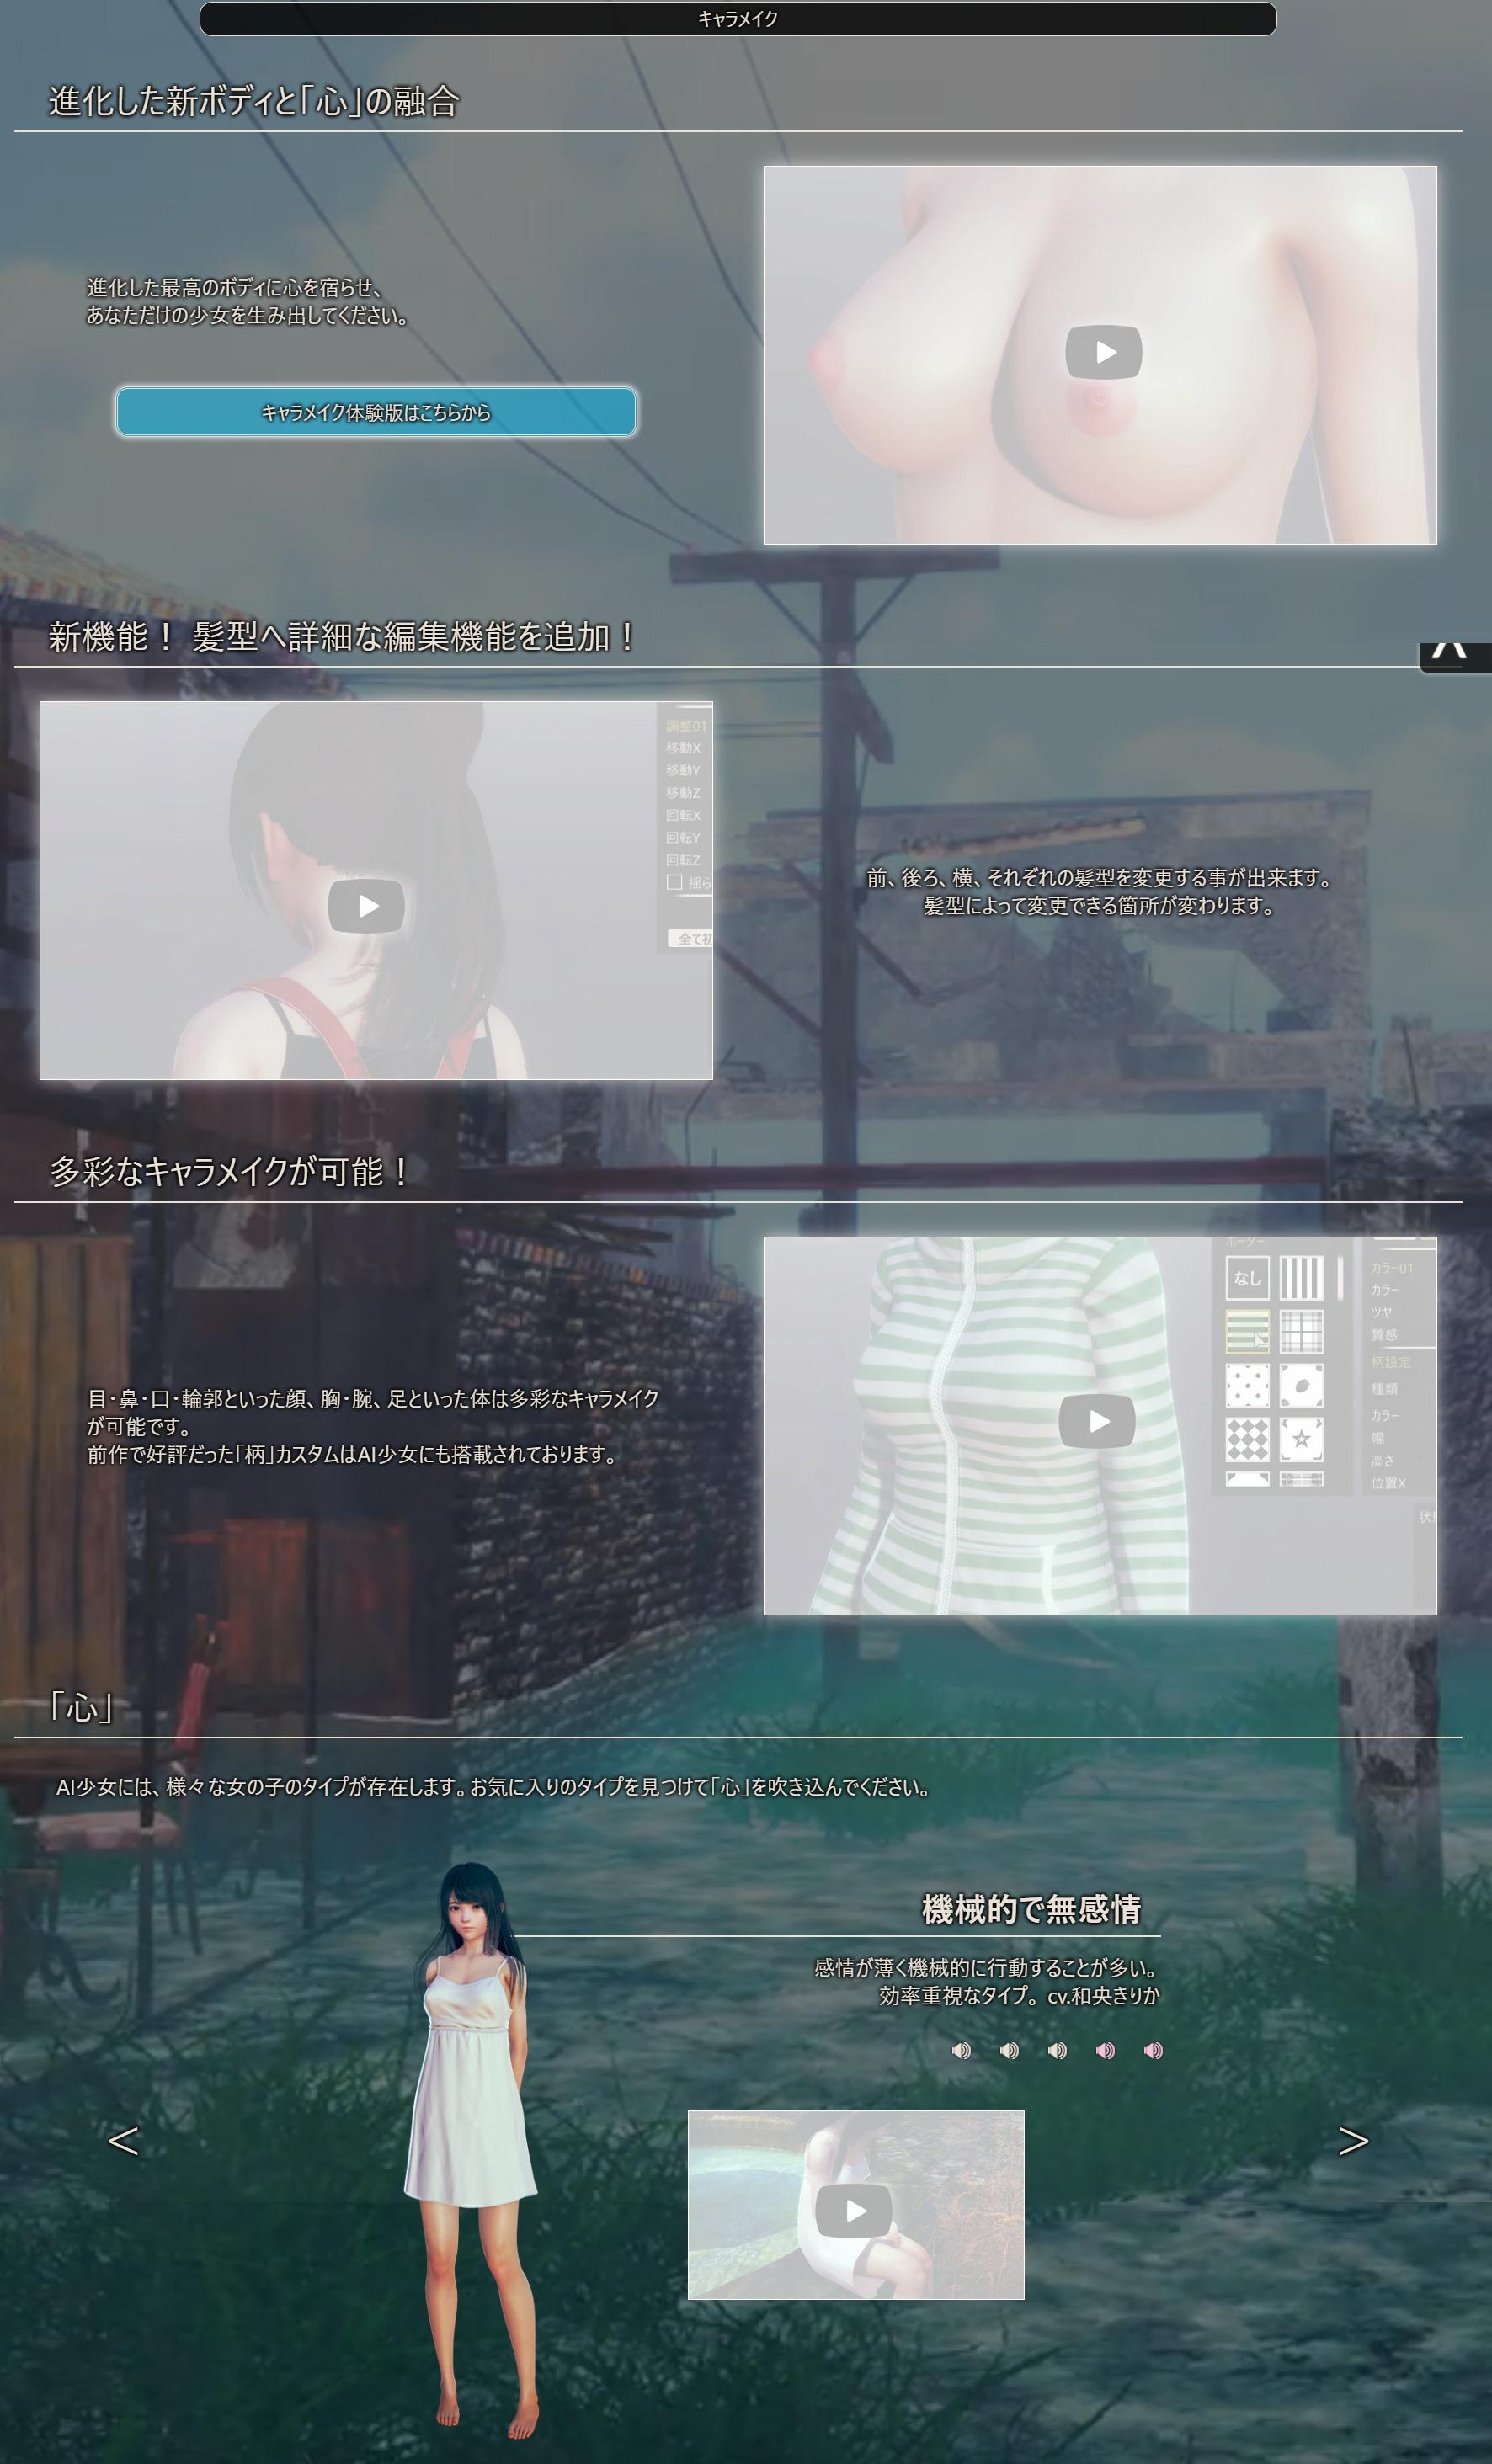 3Dライフシミュレーション 『AI 少女』 キャラメイクページ